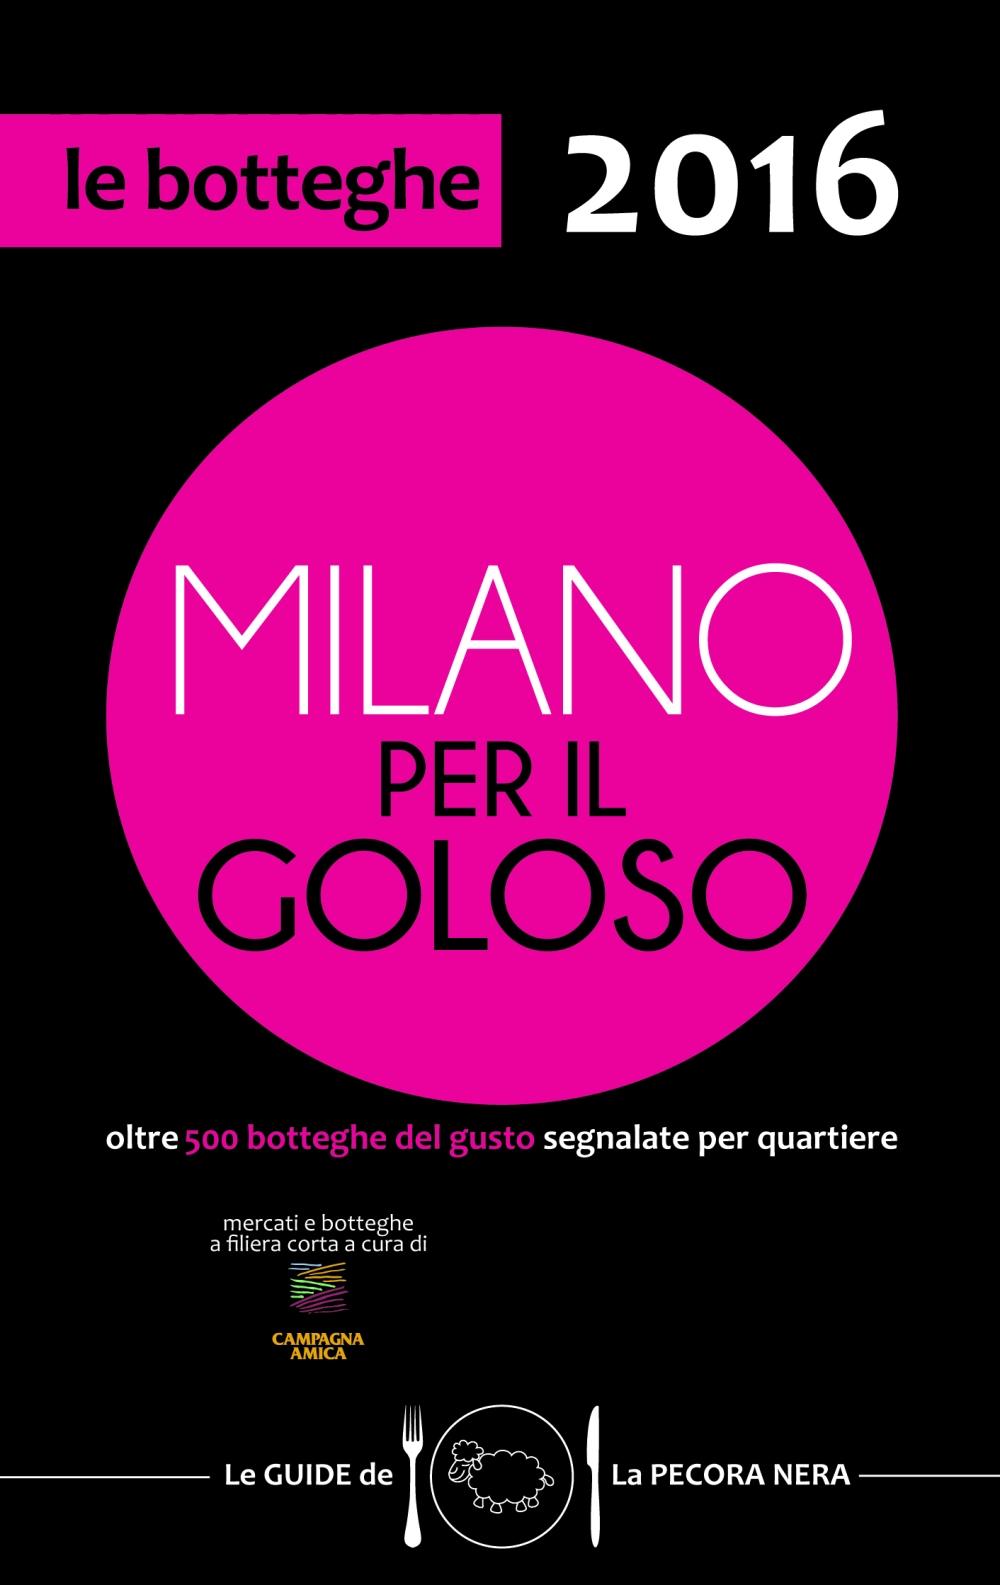 Guide Pecora Nera 2016- Roma nel Piatto- Roma per il Goloso- Milano per il Goloso- Pecora Nera Editore